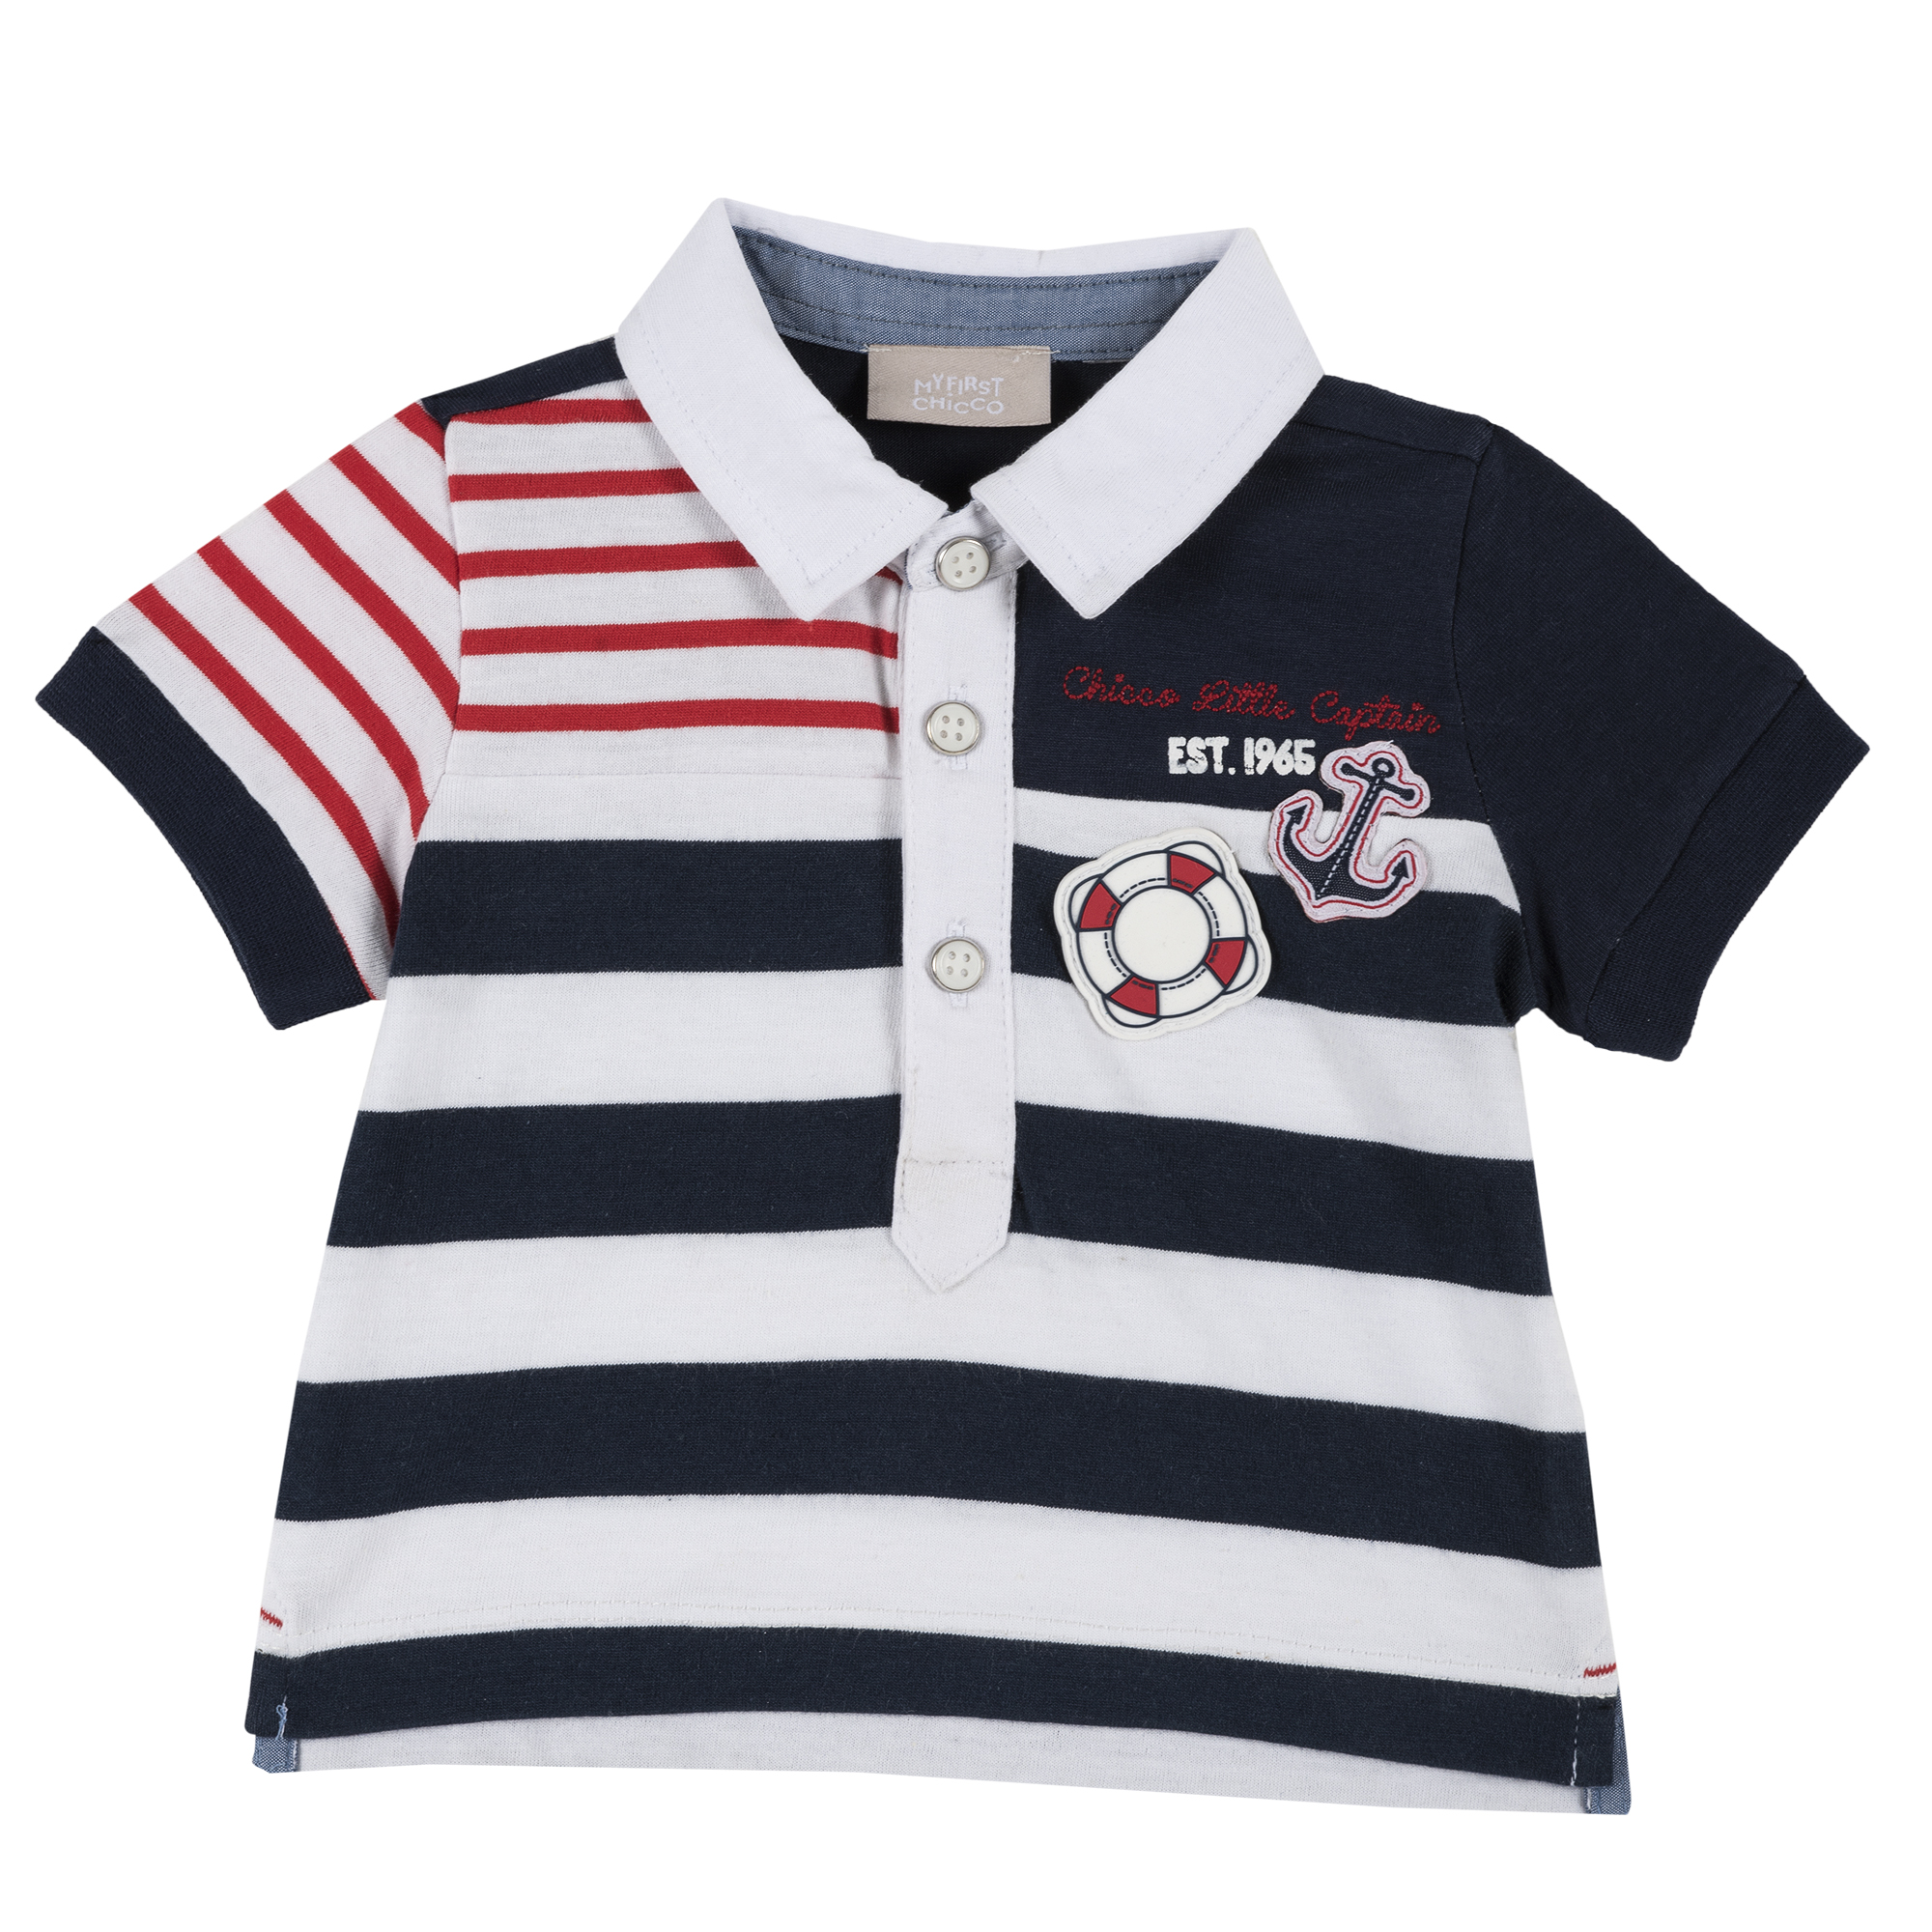 Tricou copii Chicco tip Polo, maneca scurta, alb cu bleumarin, 33496 din categoria Tricouri copii